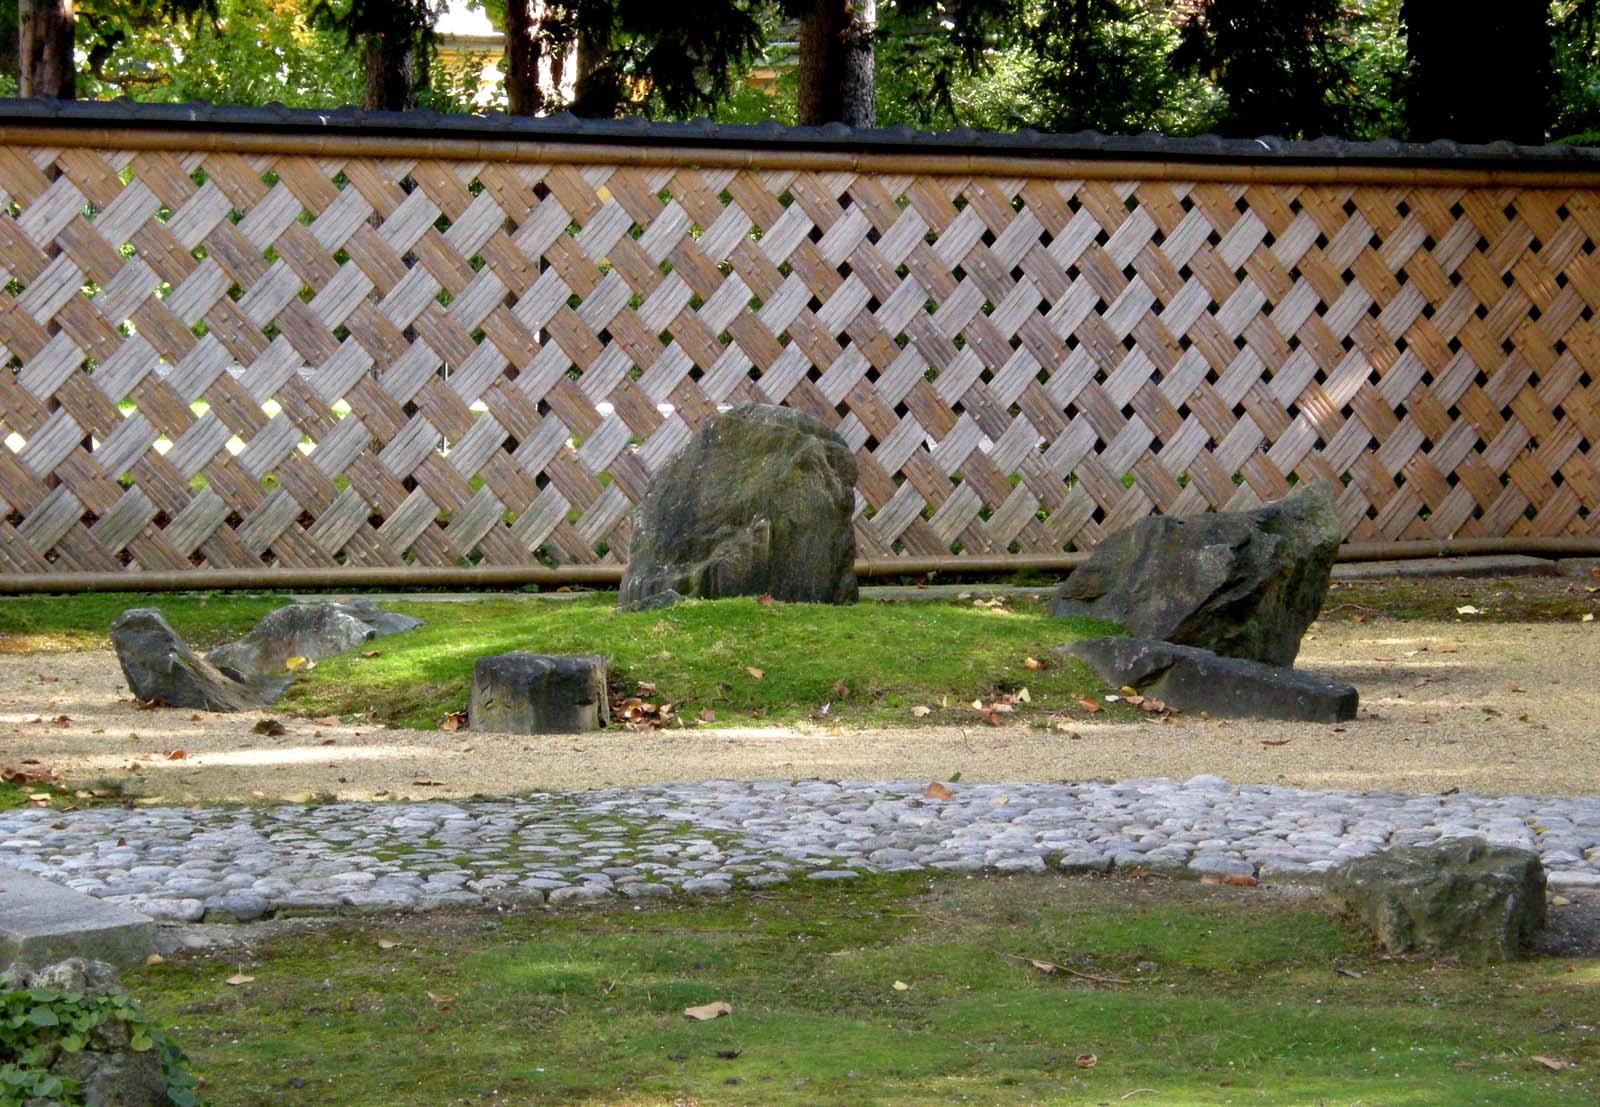 Japanese_Garden_(Schönbrunn;_'Karesansui'_part_-_Turtle_Island_and_Ajiro_style_fence)_20081007_060.jpg